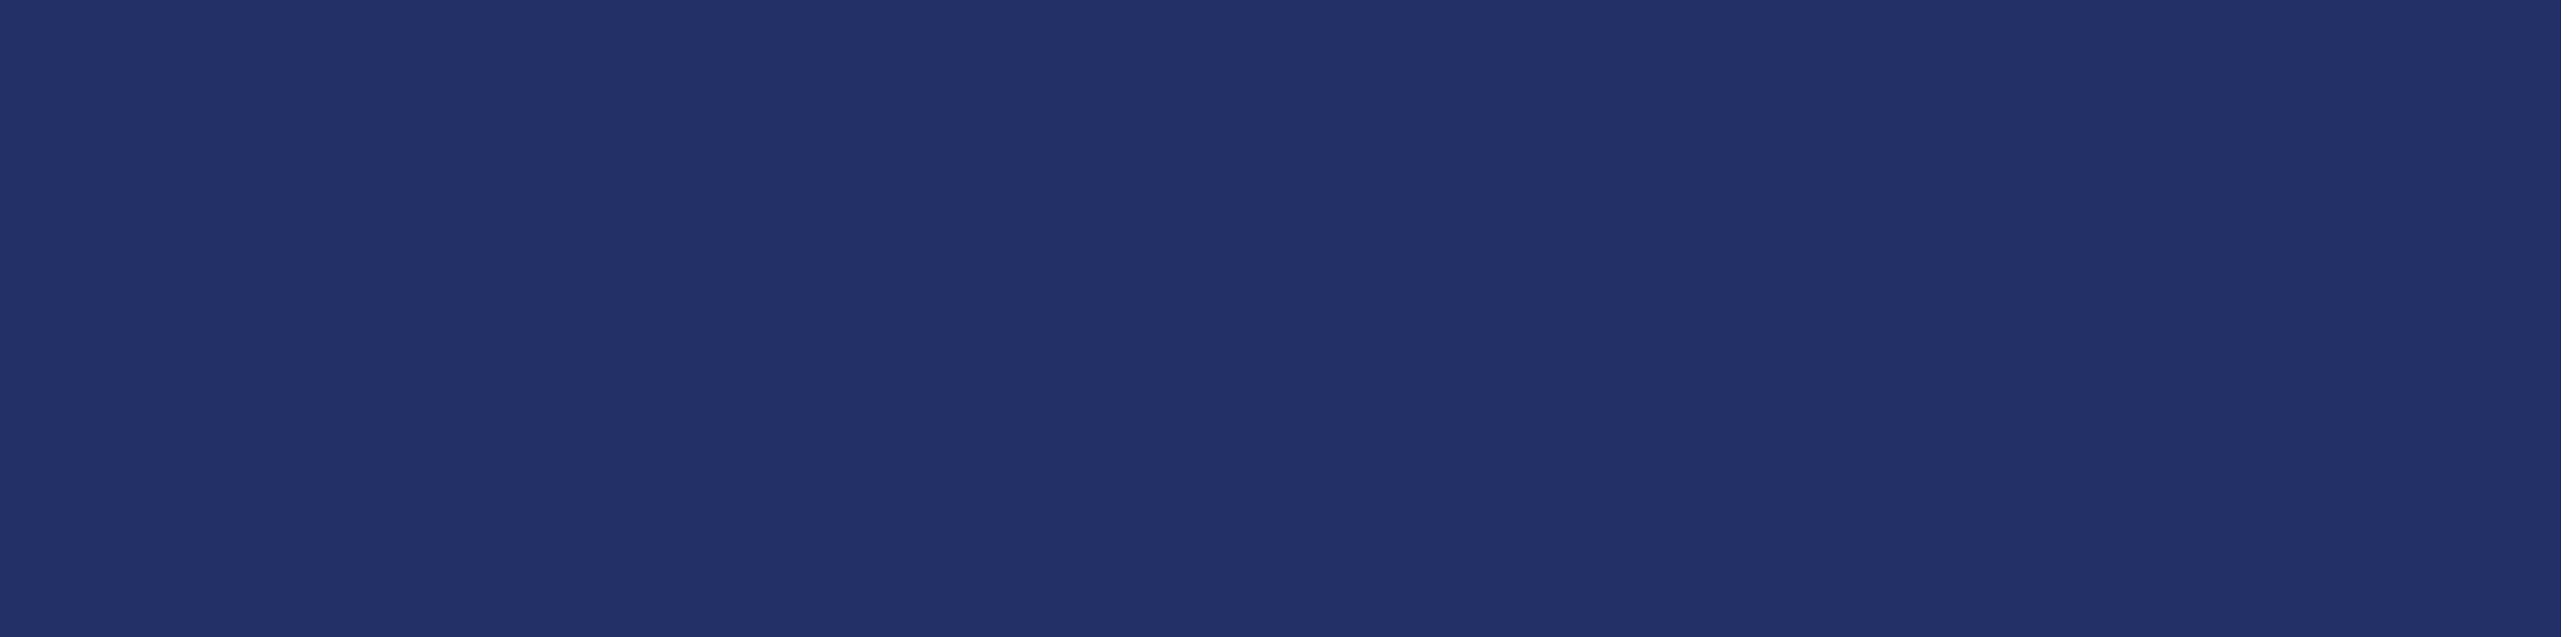 Aquablu | Water Filters